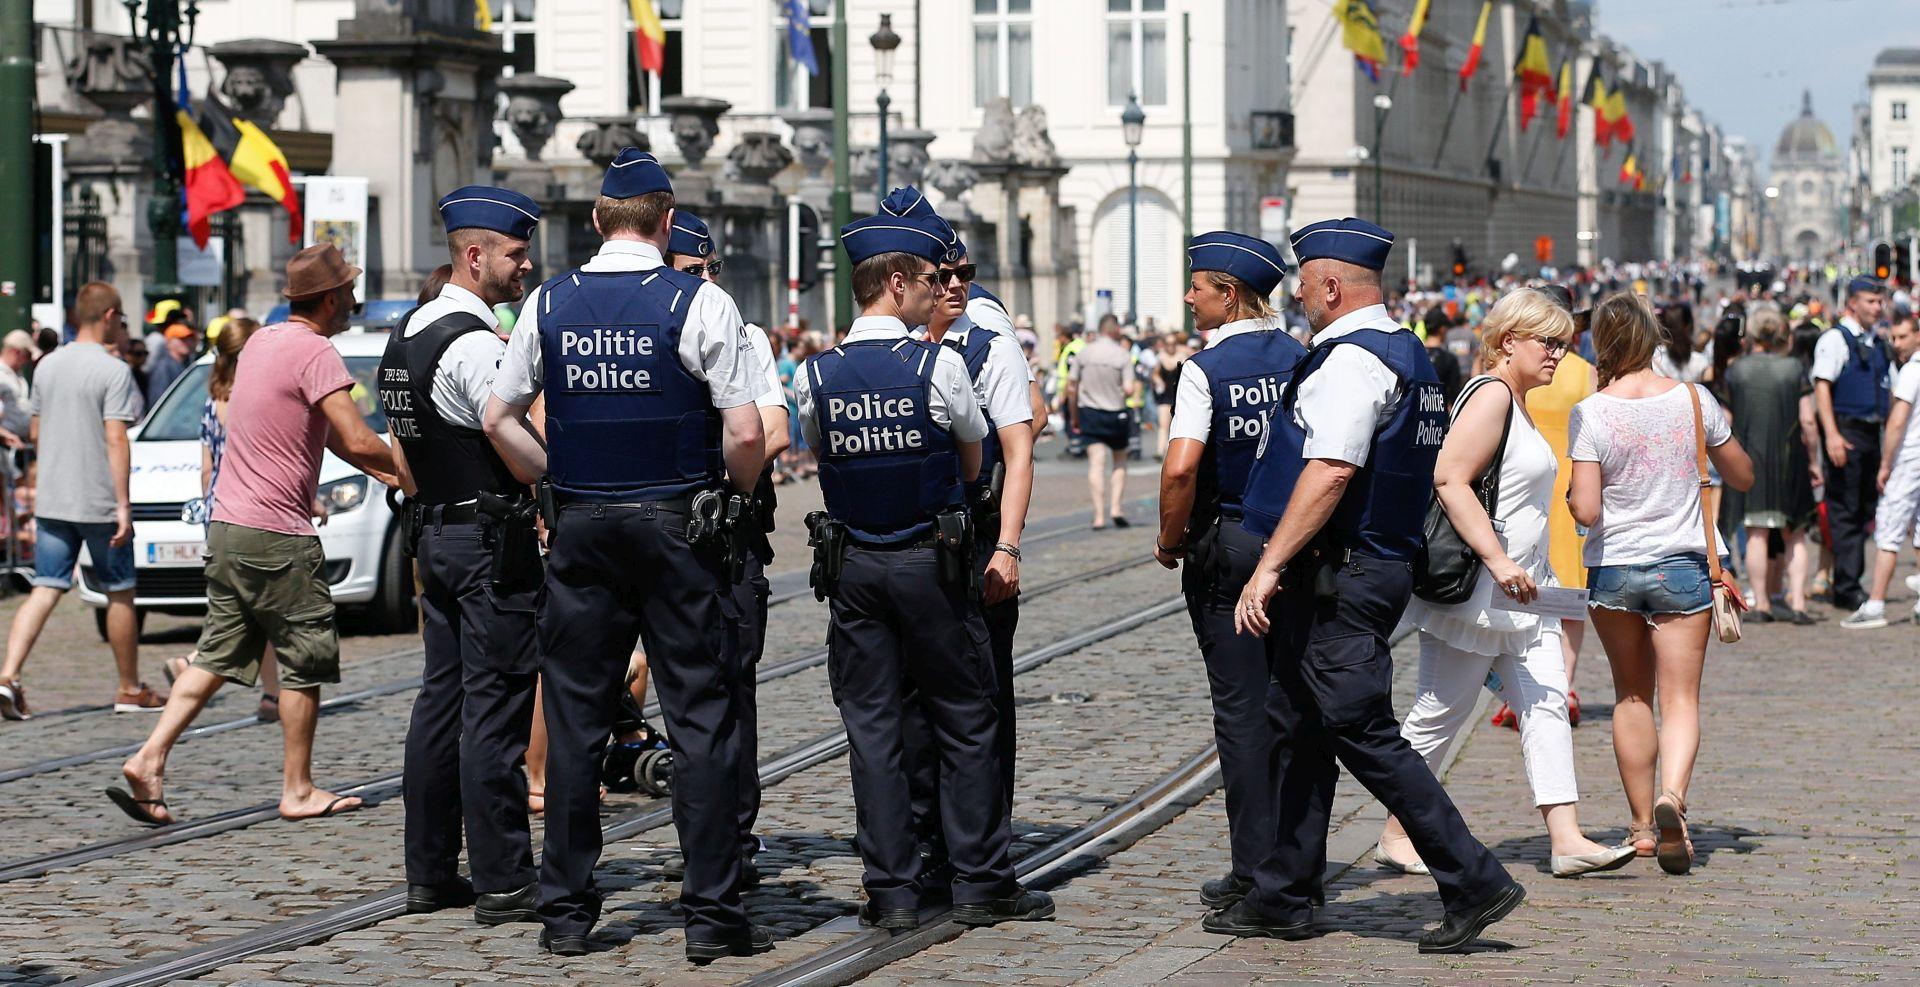 BRUXELLES Izbodena dva policajca, sumnja se na teroristički čin